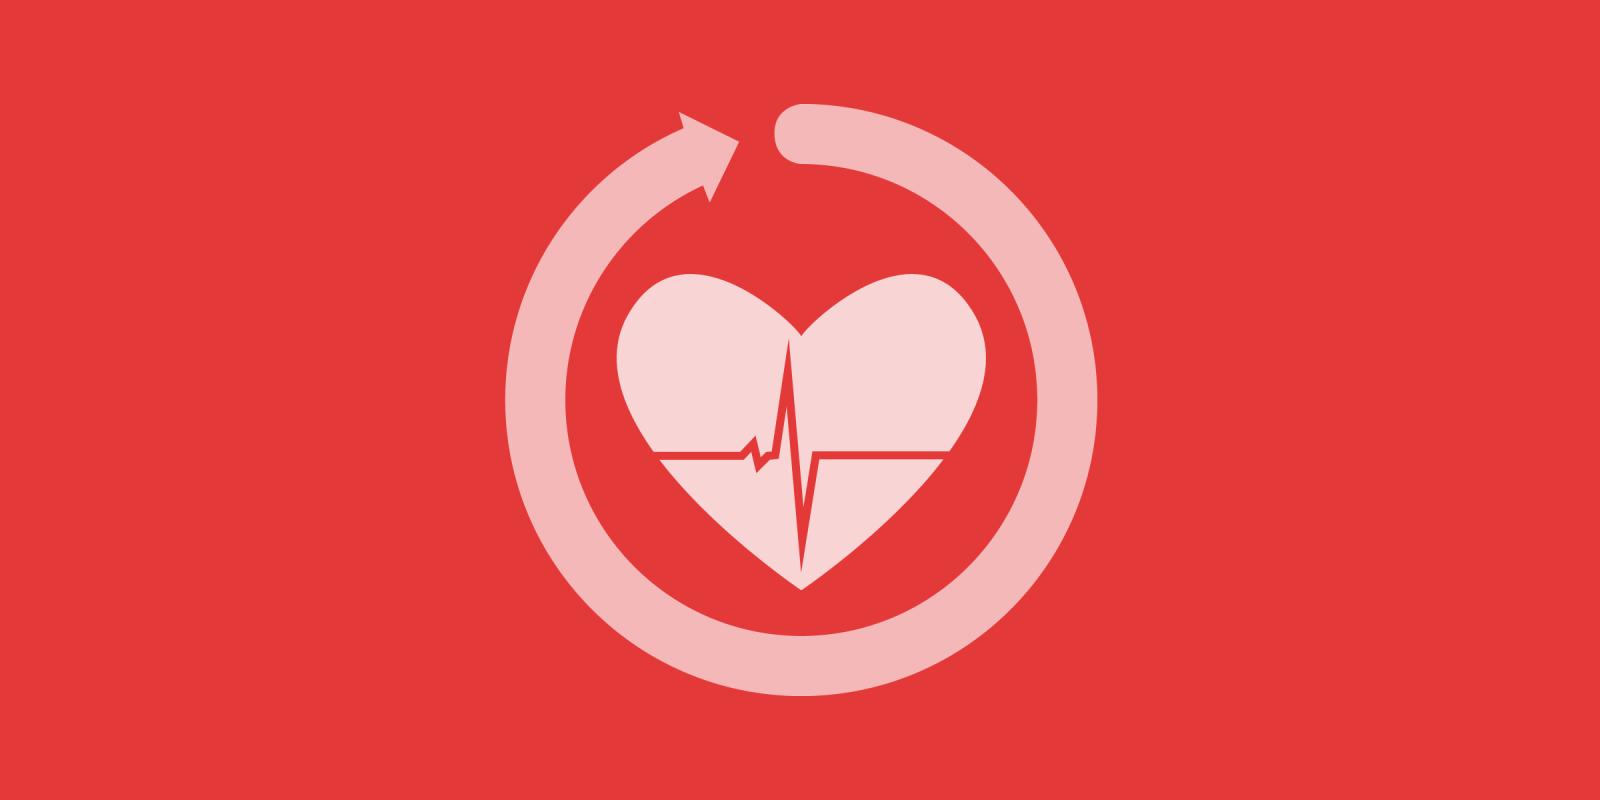 علت تپش قلب ناگهانی در خواب چیست؟